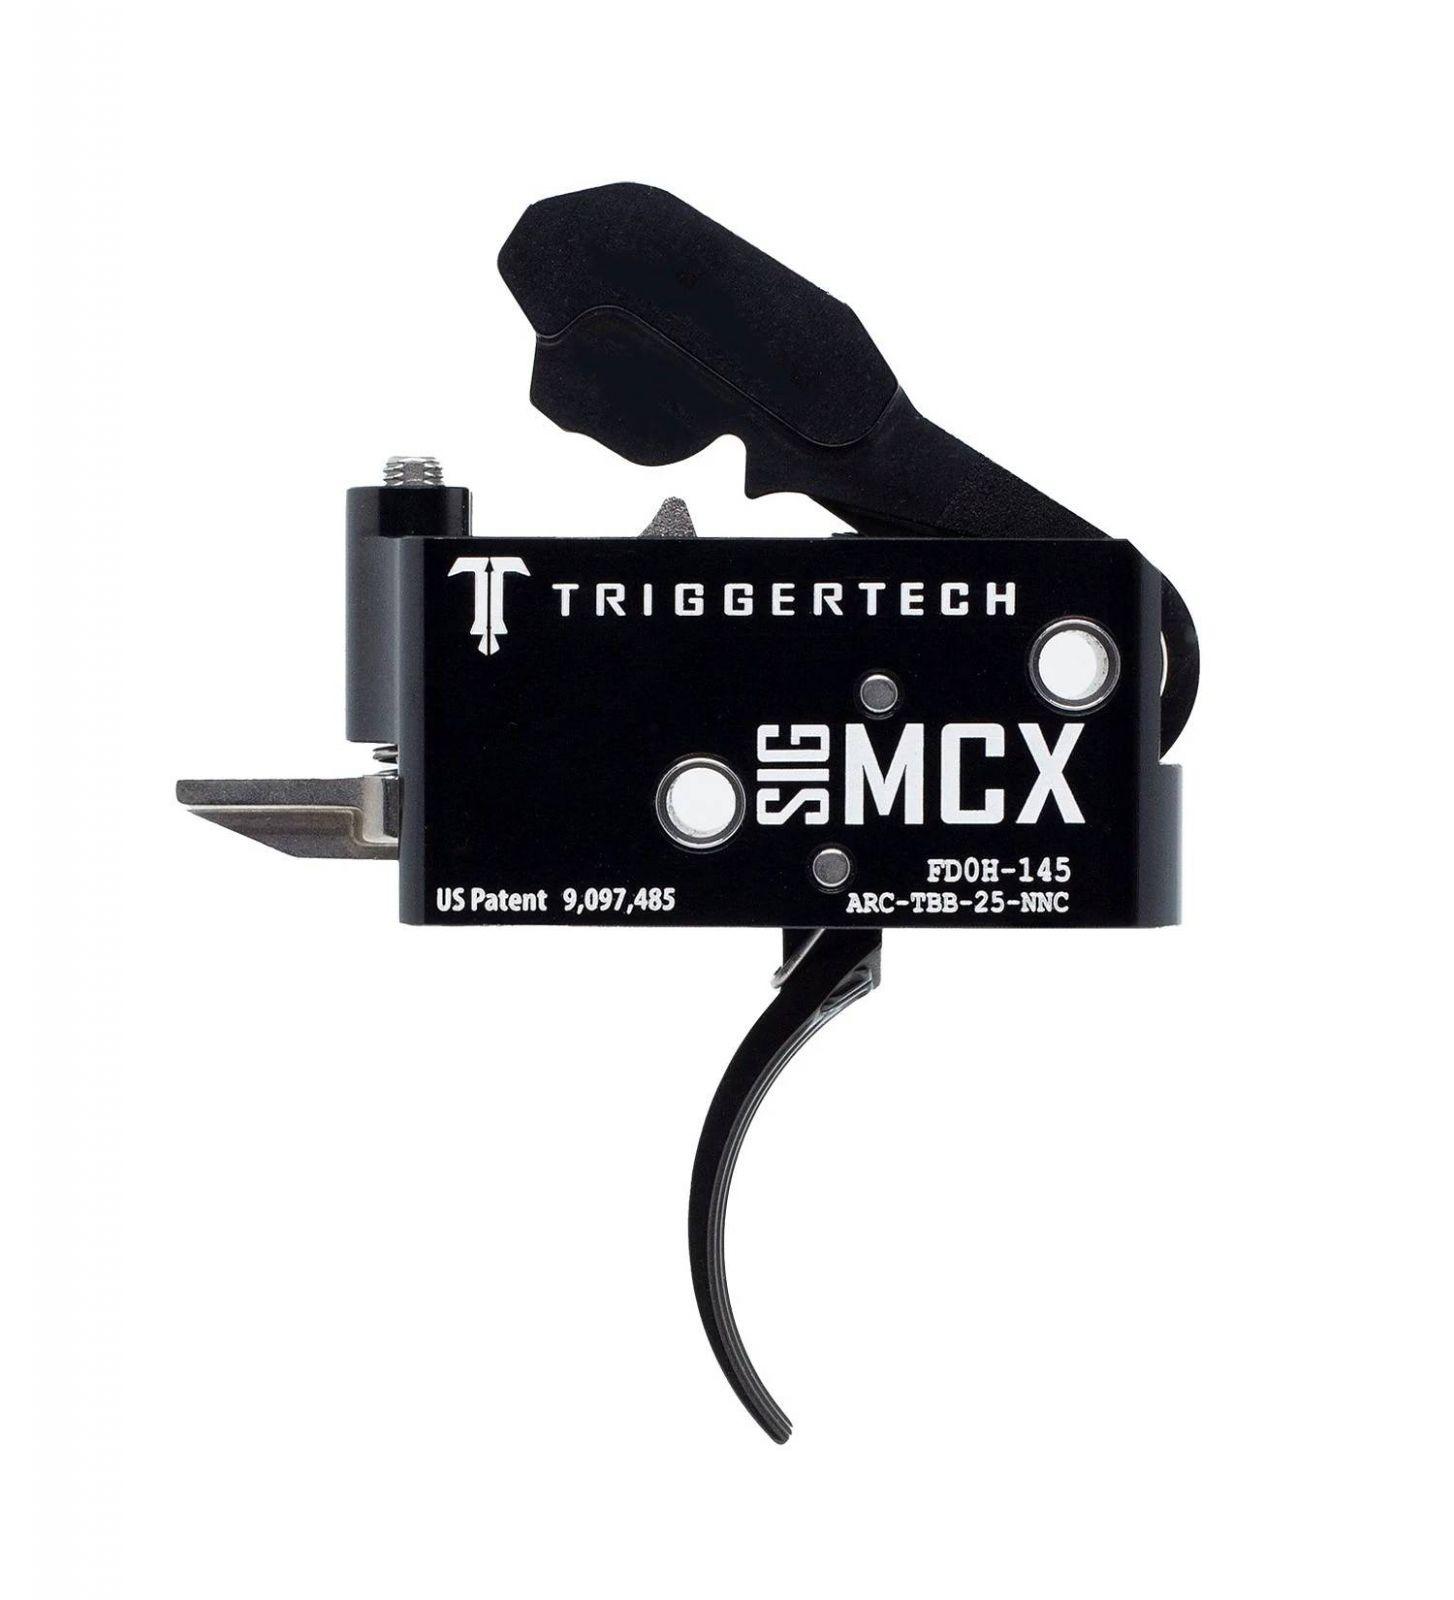 Spoušť TriggerTech SIG MCX Adaptable - zaoblená, černá